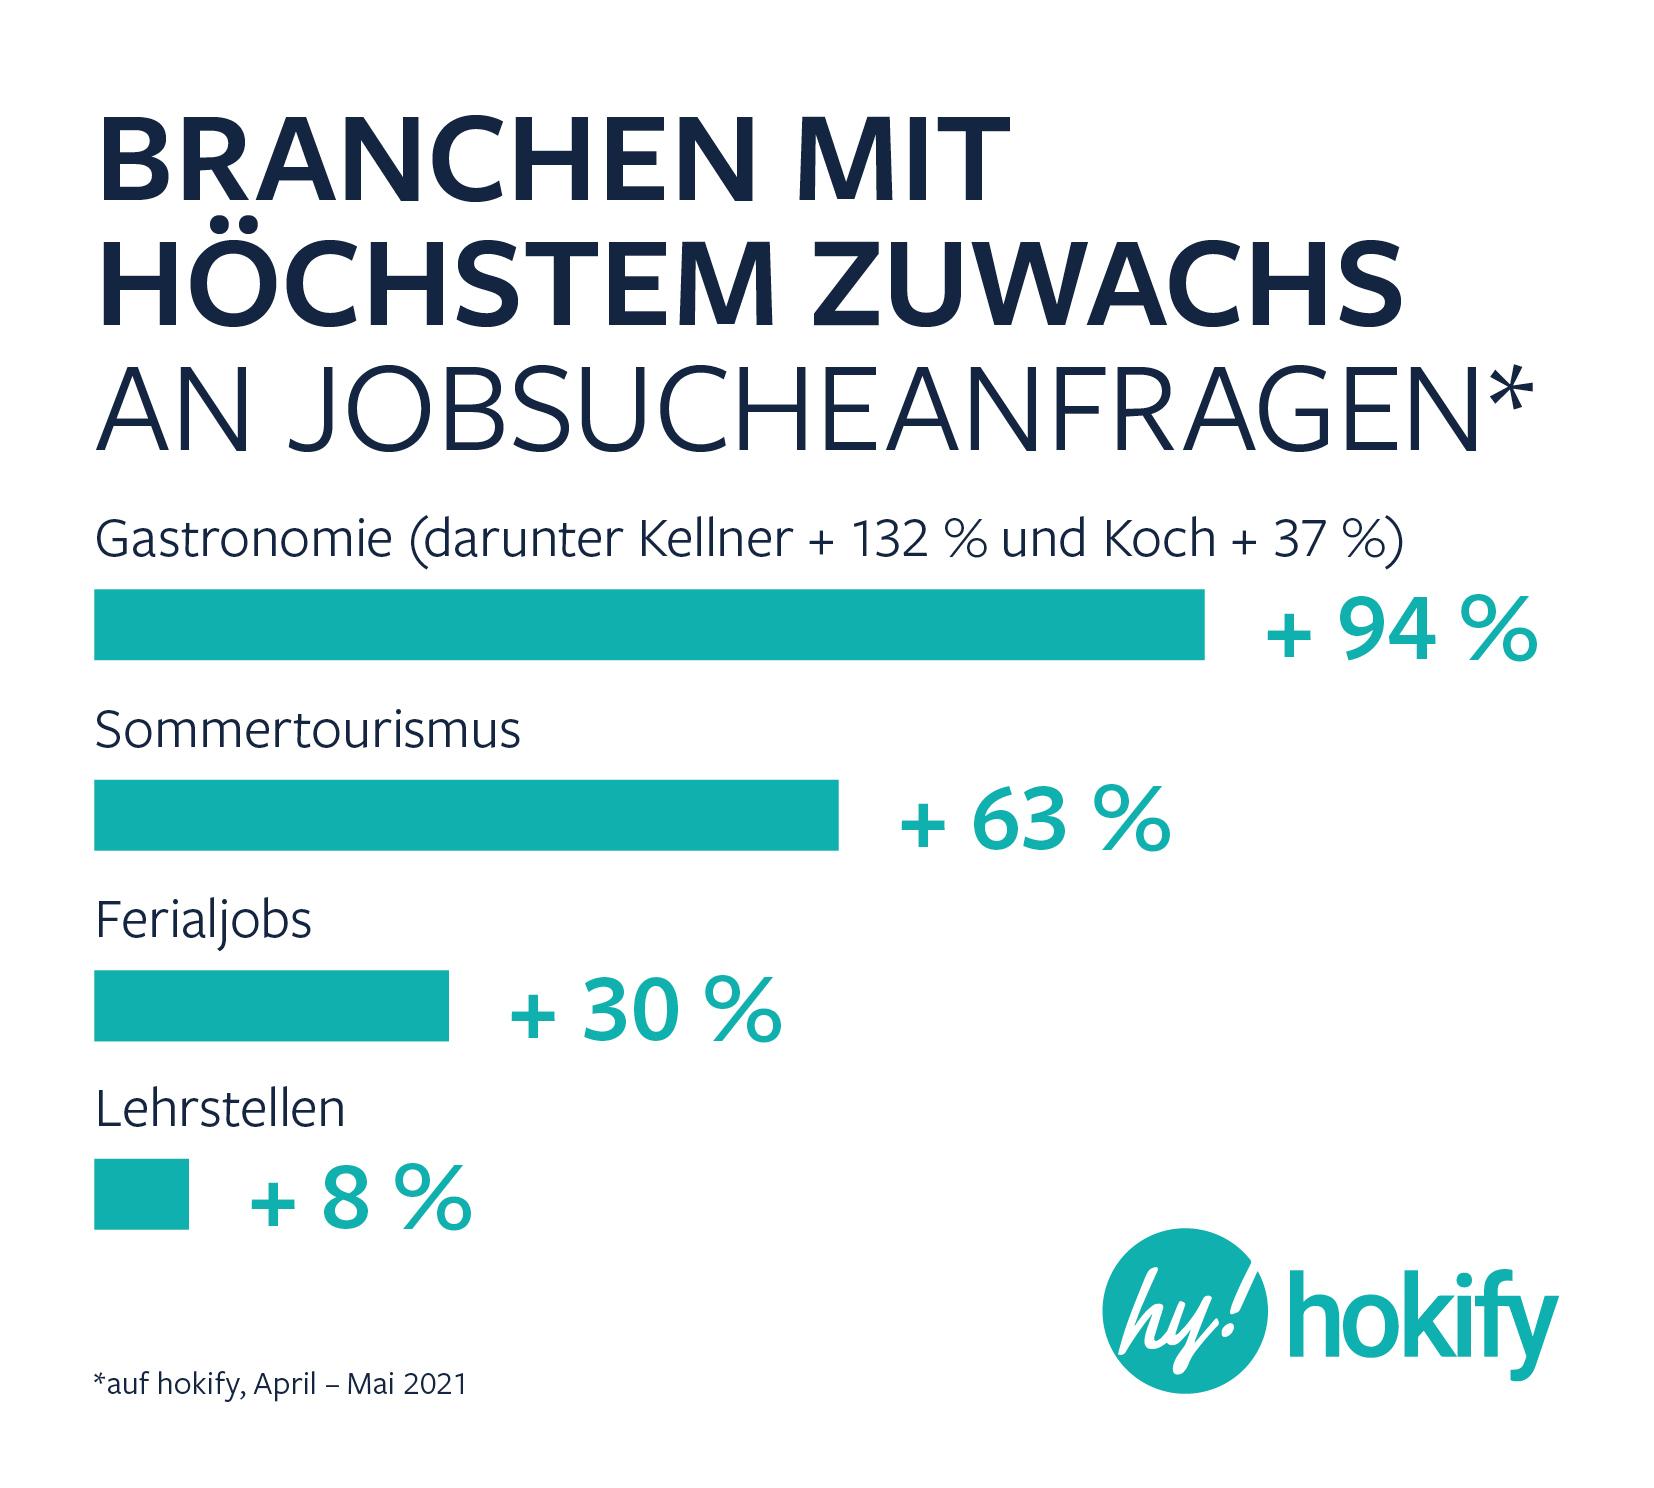 Zuwachs Jobsucheanfragen hokify